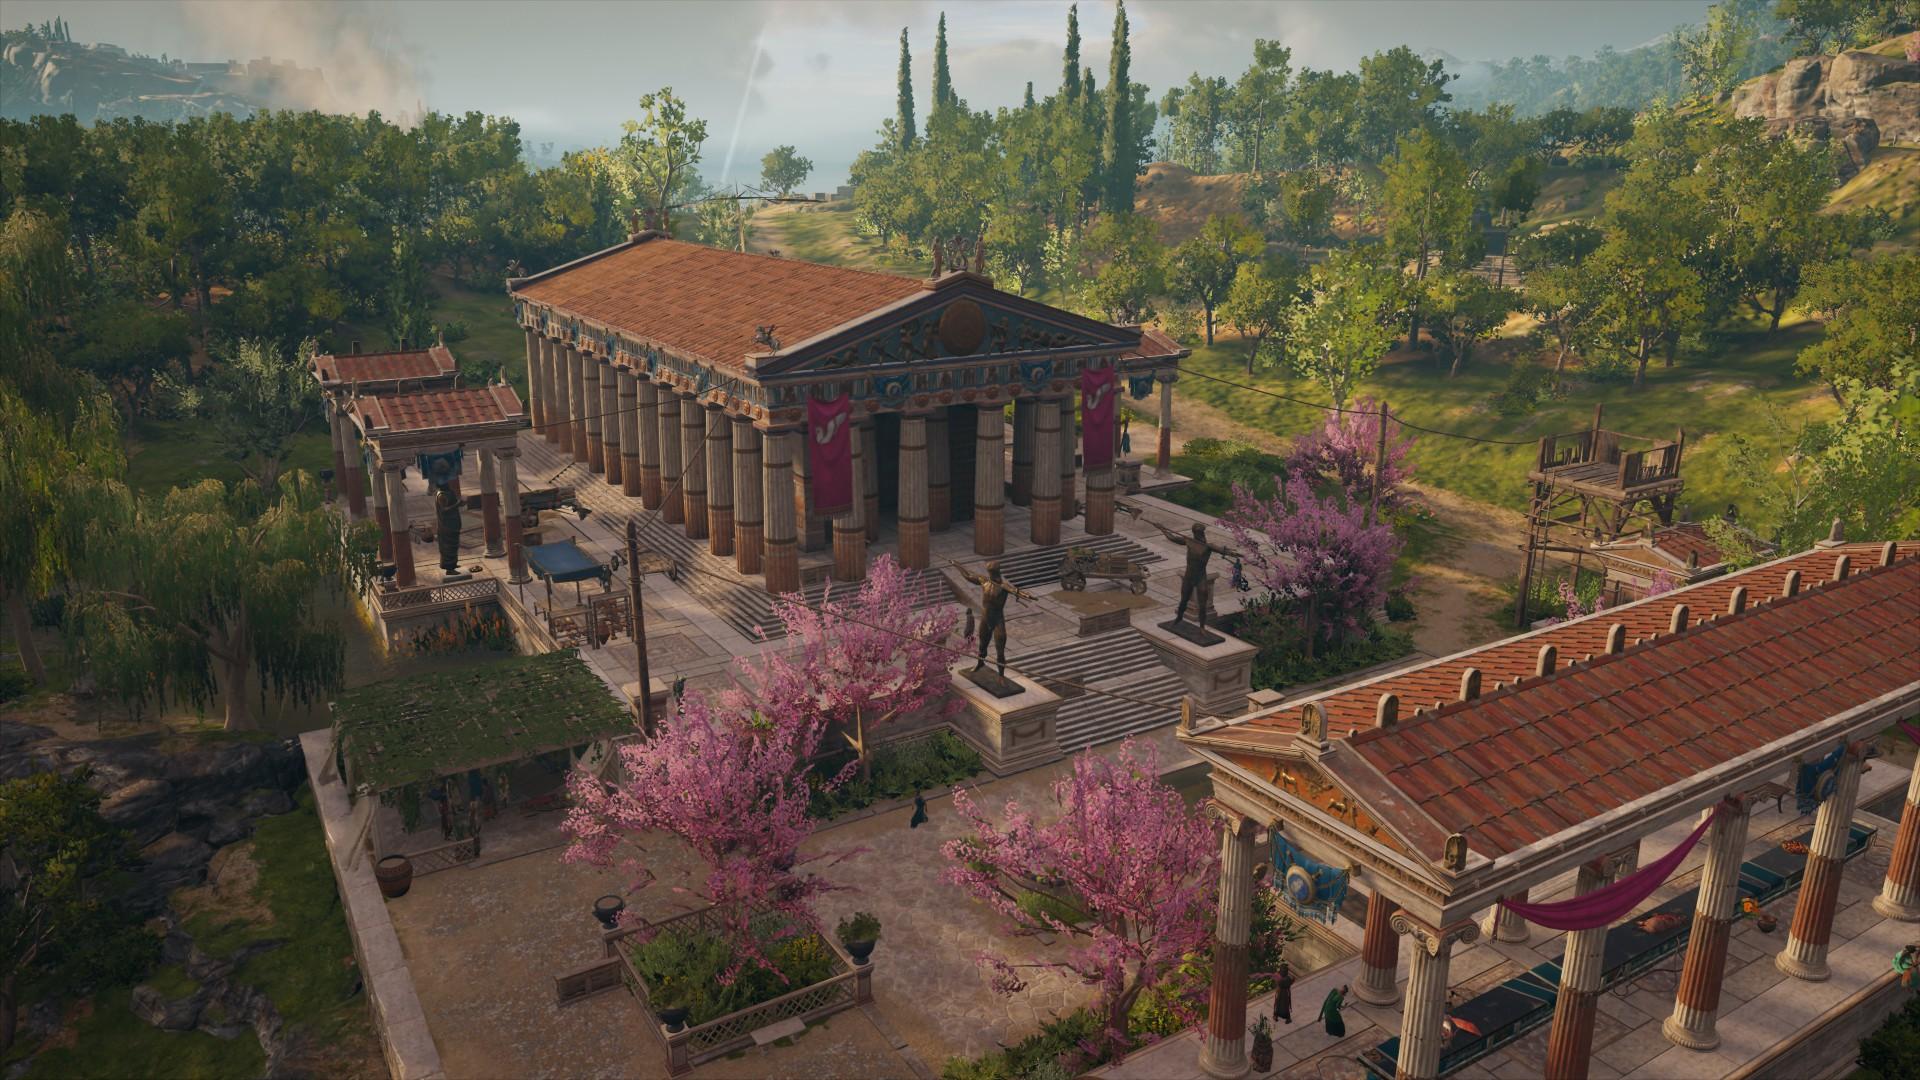 Temple of Poseidon, Isthmia